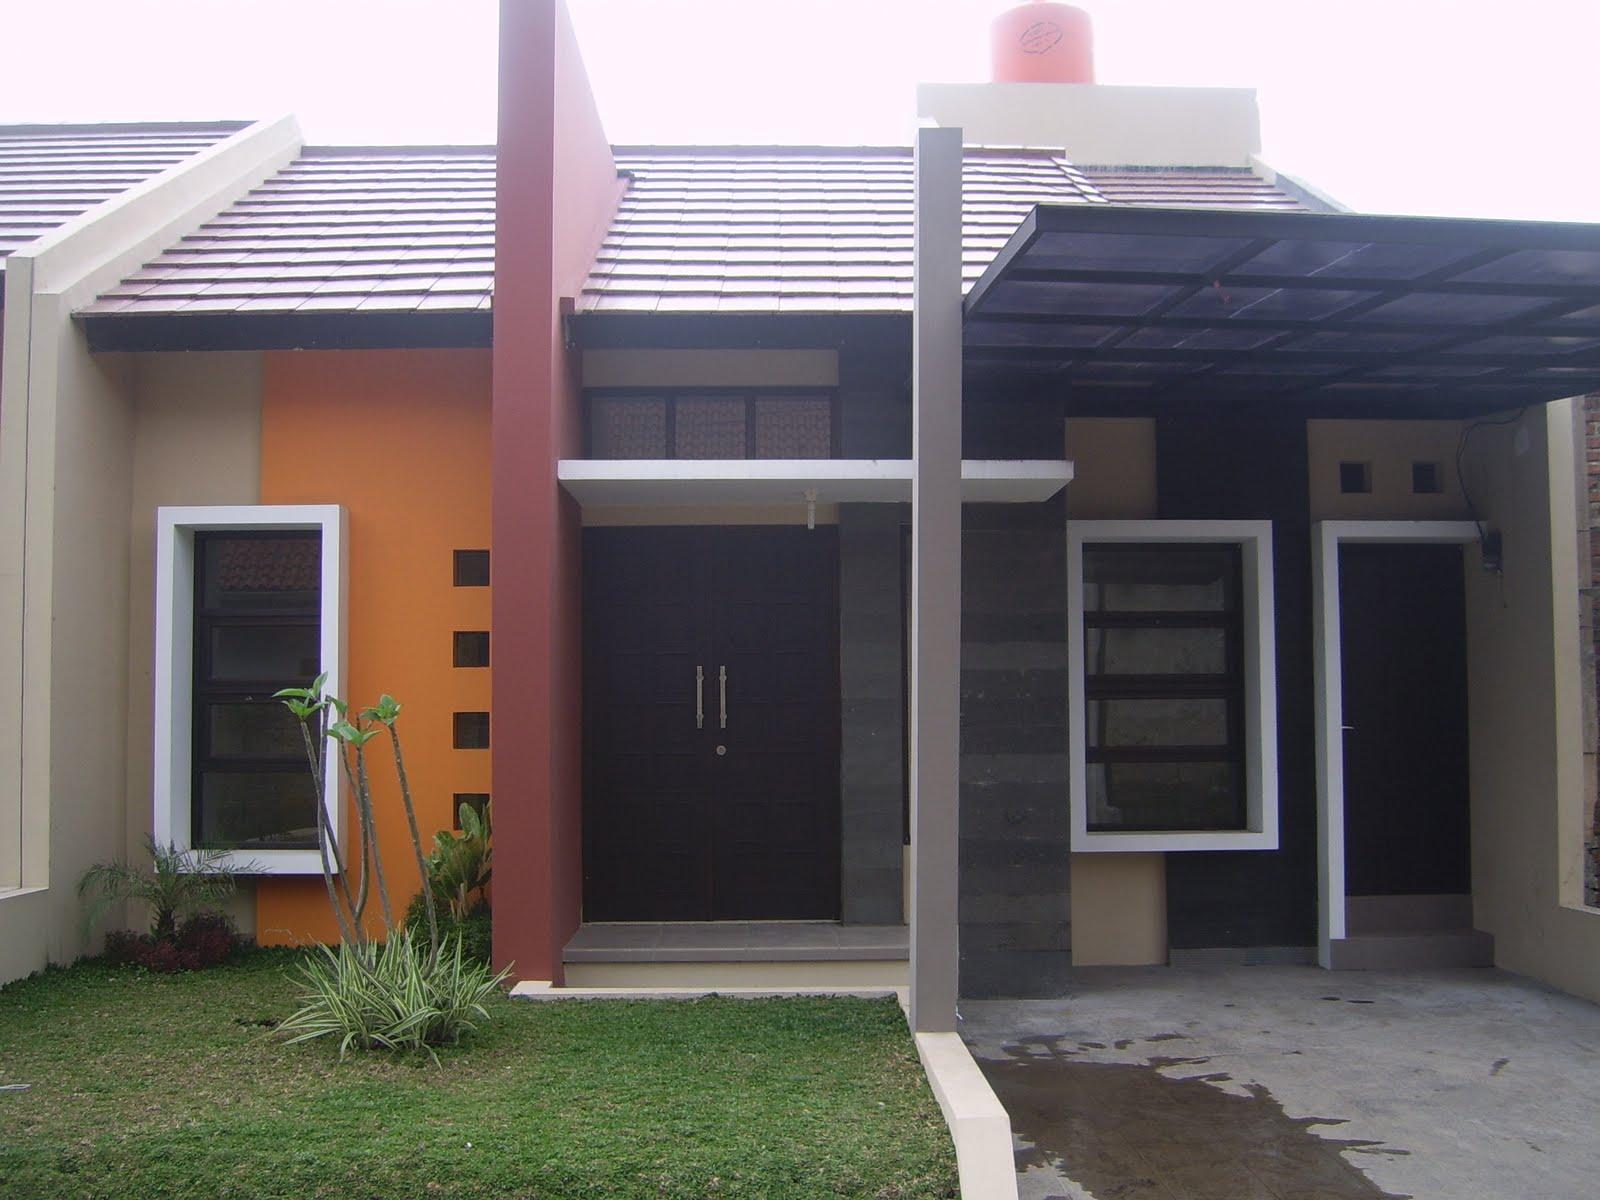 contoh gambar rumah minimalis modern 1 lantai tampak depan